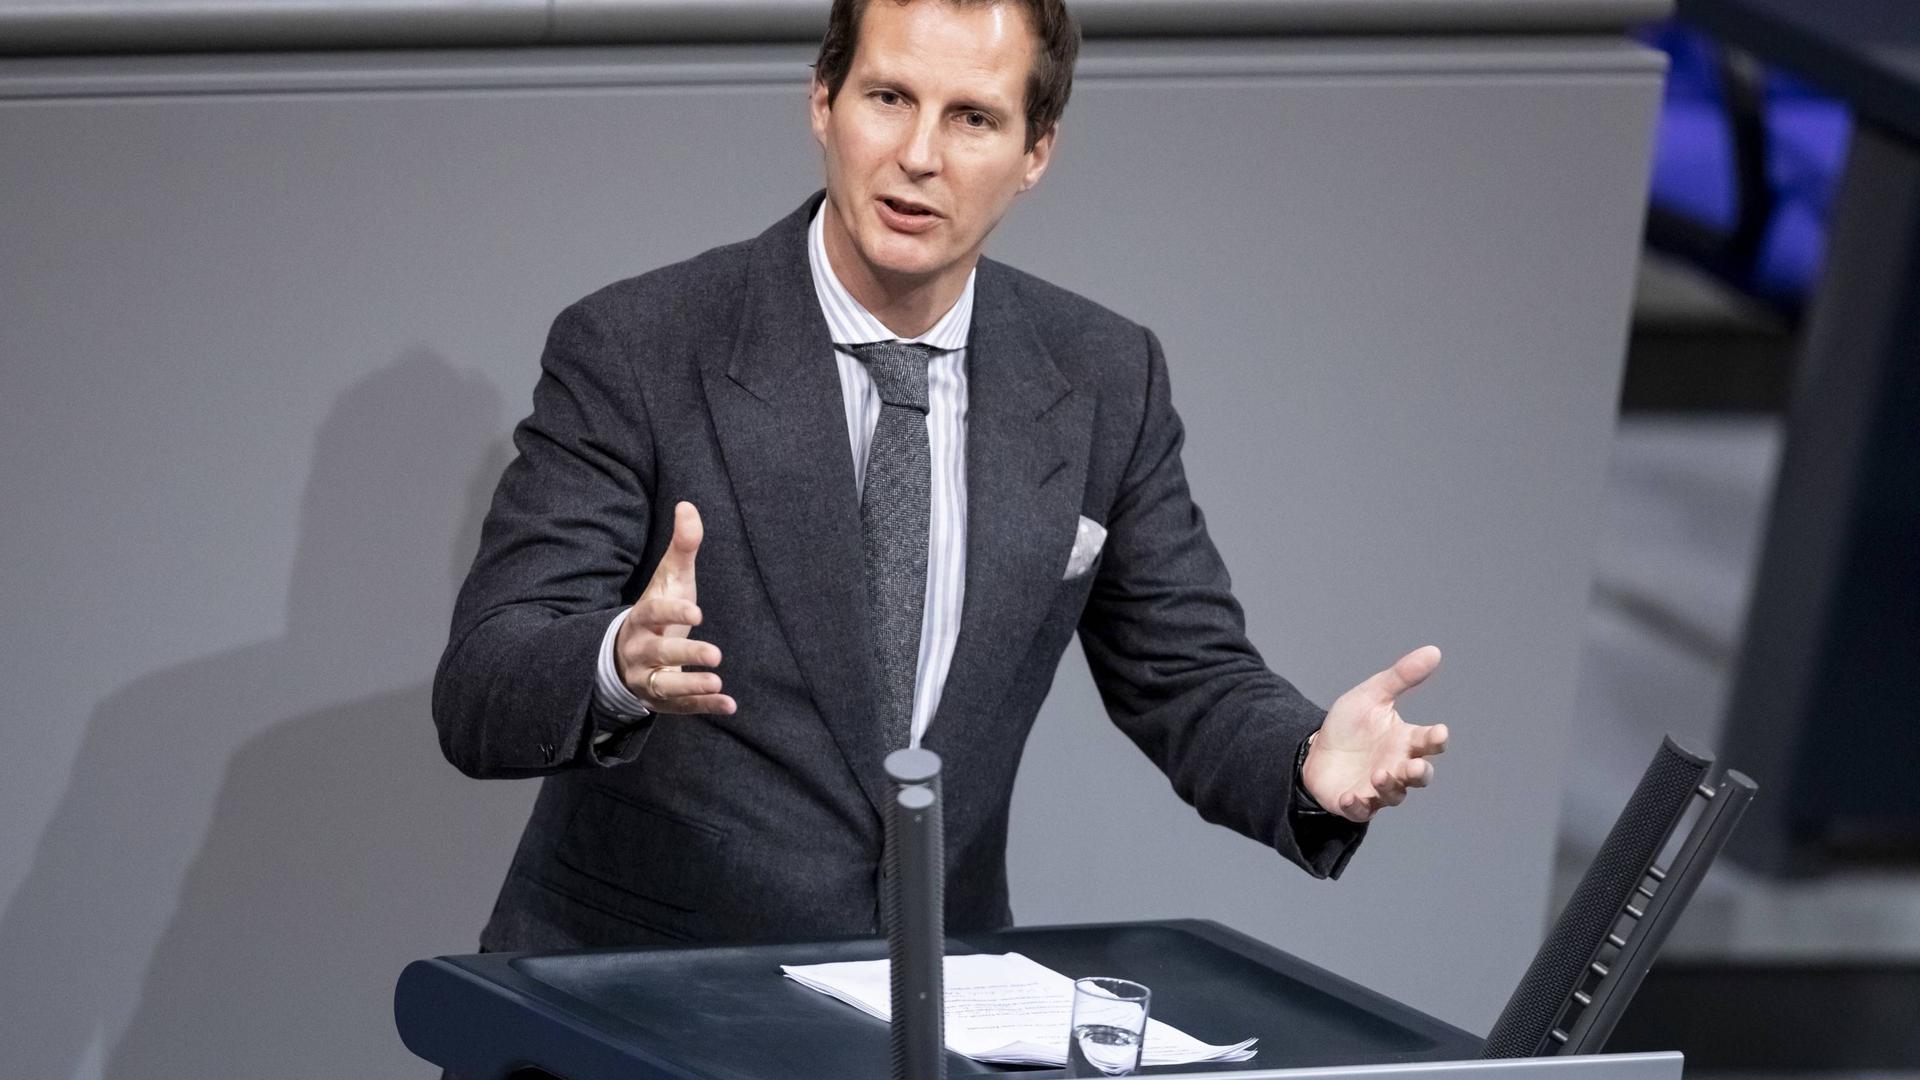 13.12.2018, Berlin: Olav Gutting (CDU), Mitglied des Deutschen Bundestages, spricht bei einer Debatte zum Solidaritätszuschlag im Deutschen Bundestag. Der Bundestag hat einem vollständigen Abbau des Solidaritätszuschlags eine Absage erteilt. Foto: Christoph Soeder/dpa +++ dpa-Bildfunk +++ | Verwendung weltweit